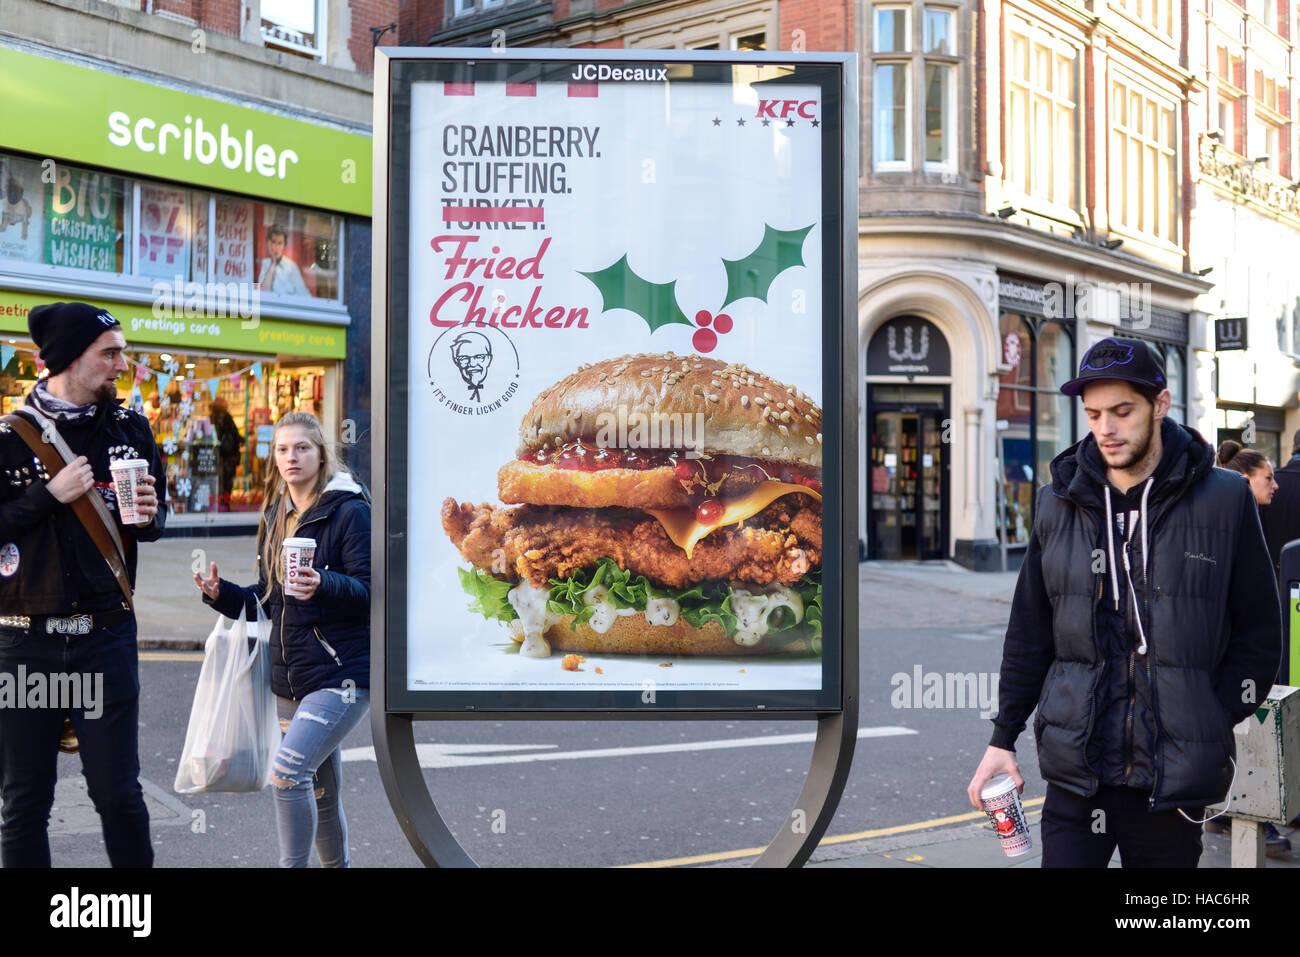 Kfc Advertising Stock Photos & Kfc Advertising Stock Images - Alamy